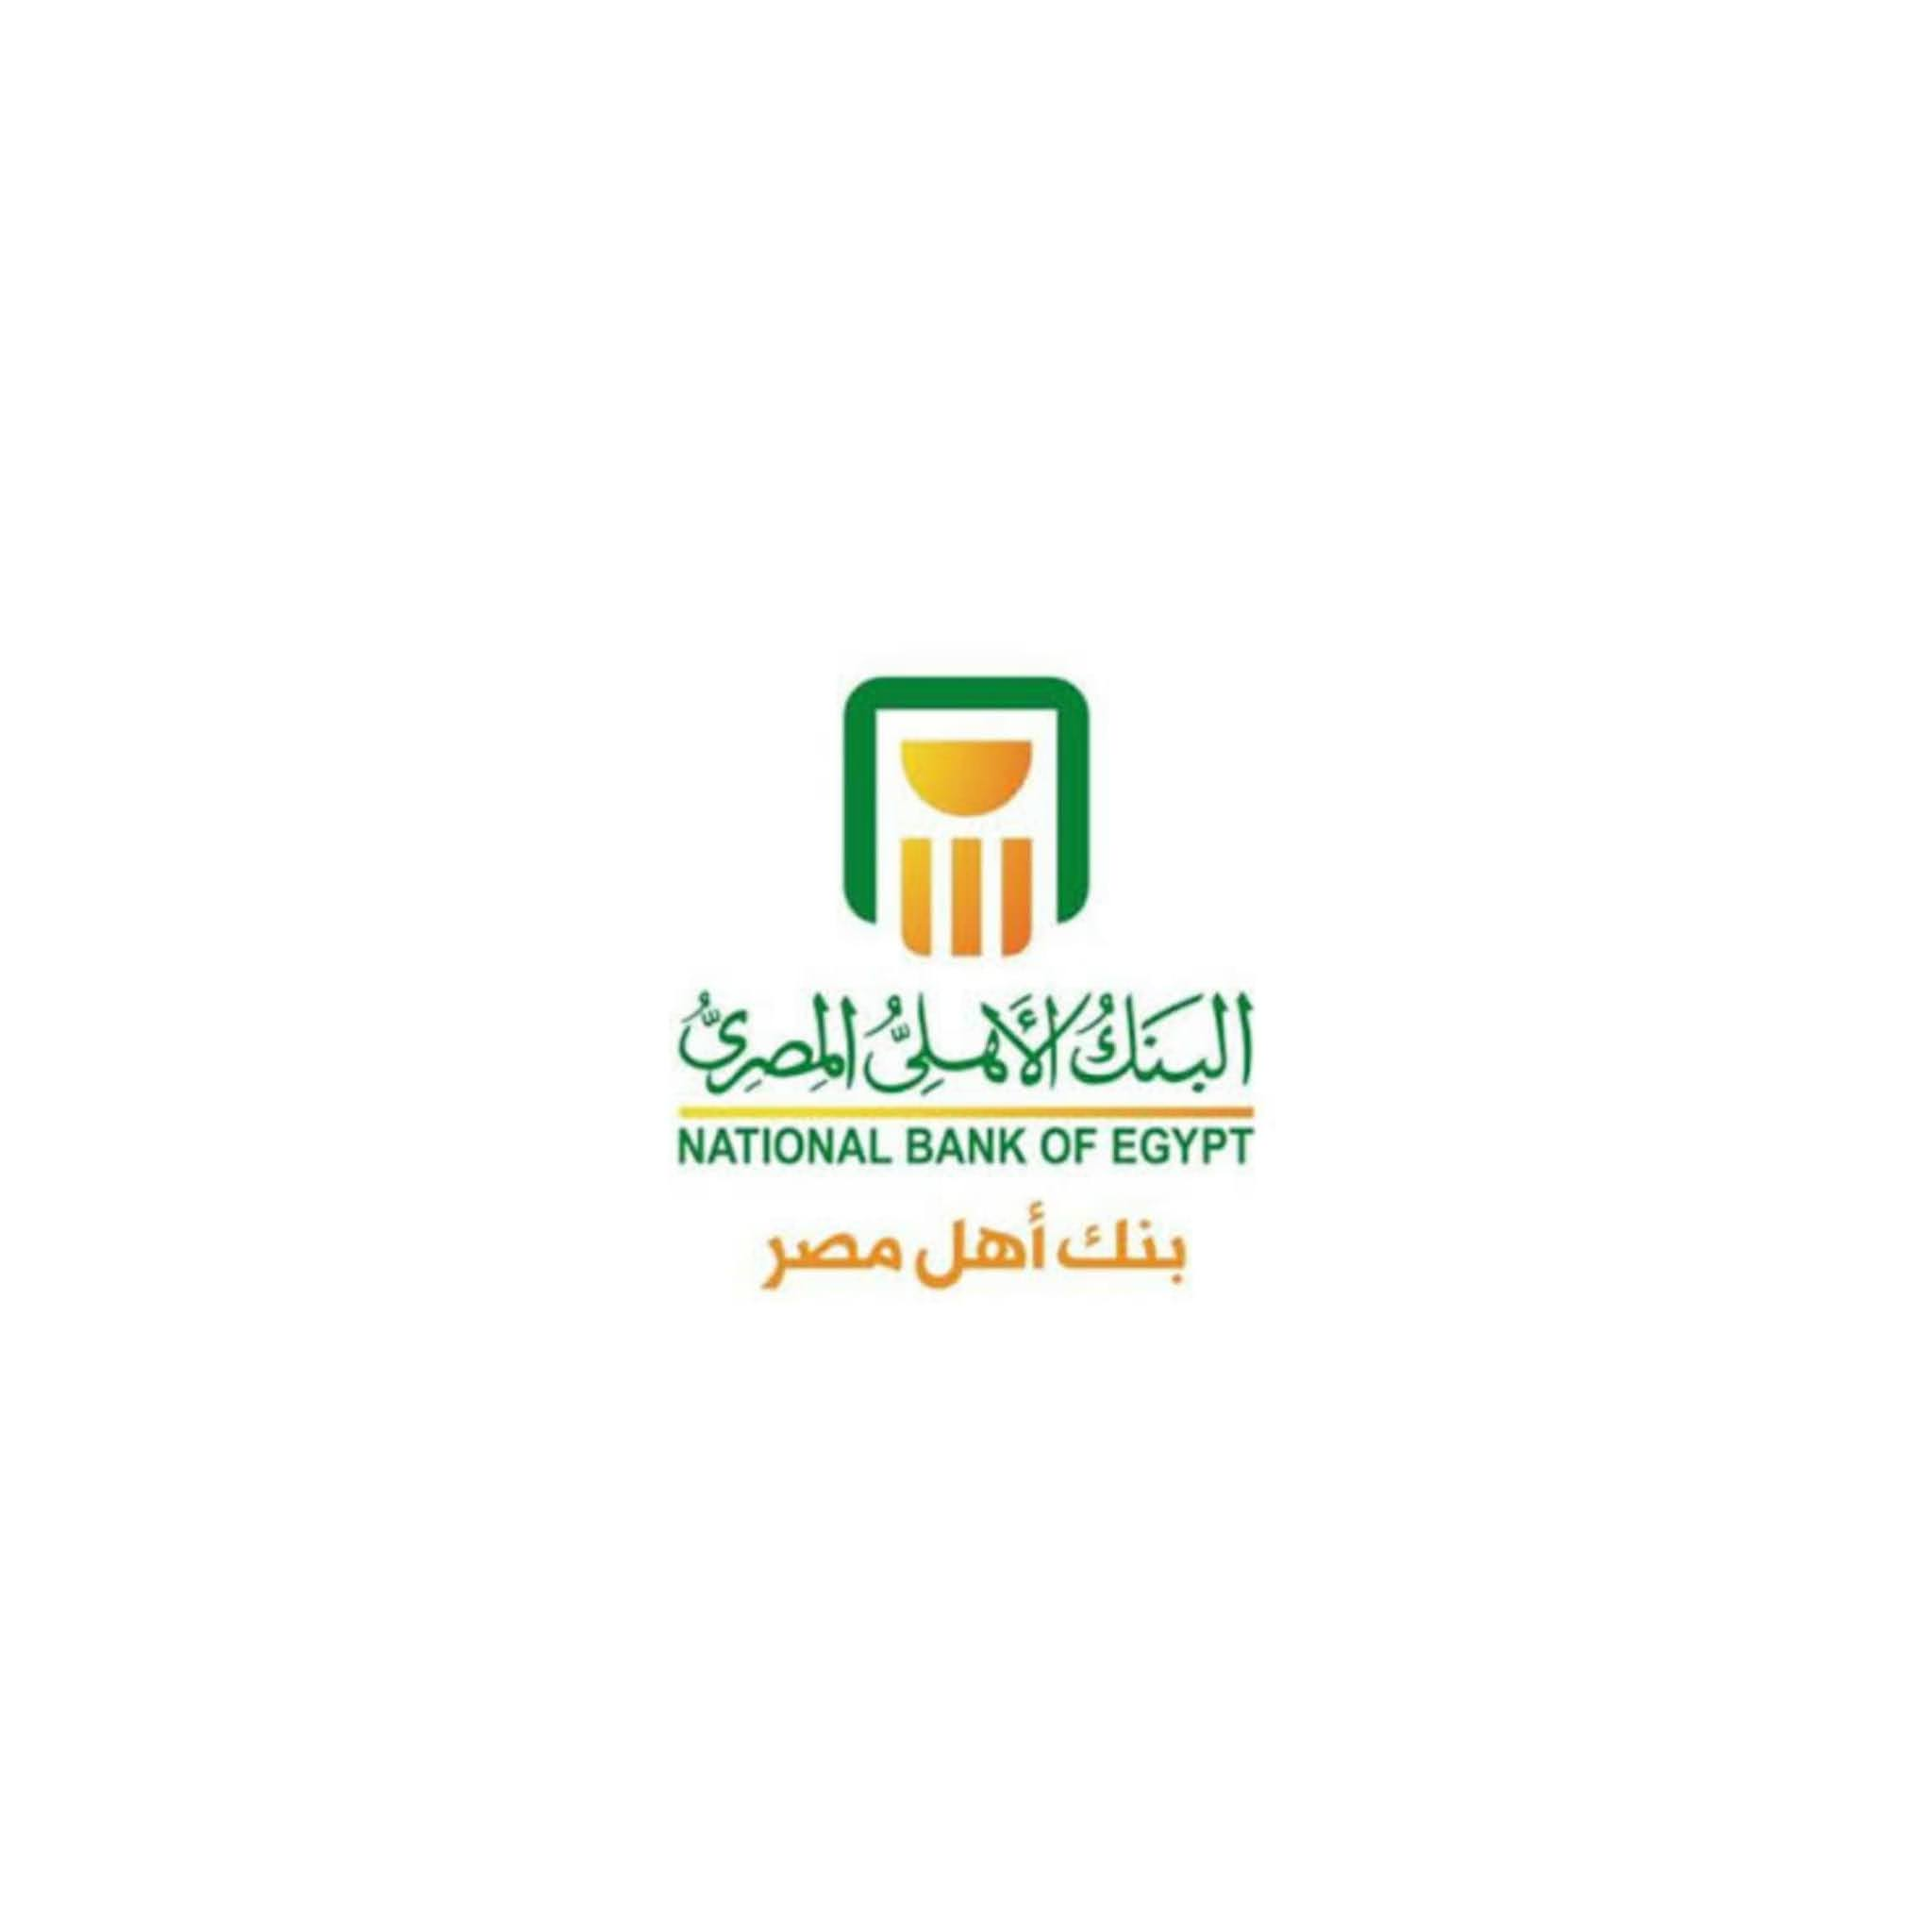 عناوين وارقام فروع البنك الاهلى المصري فى مصر